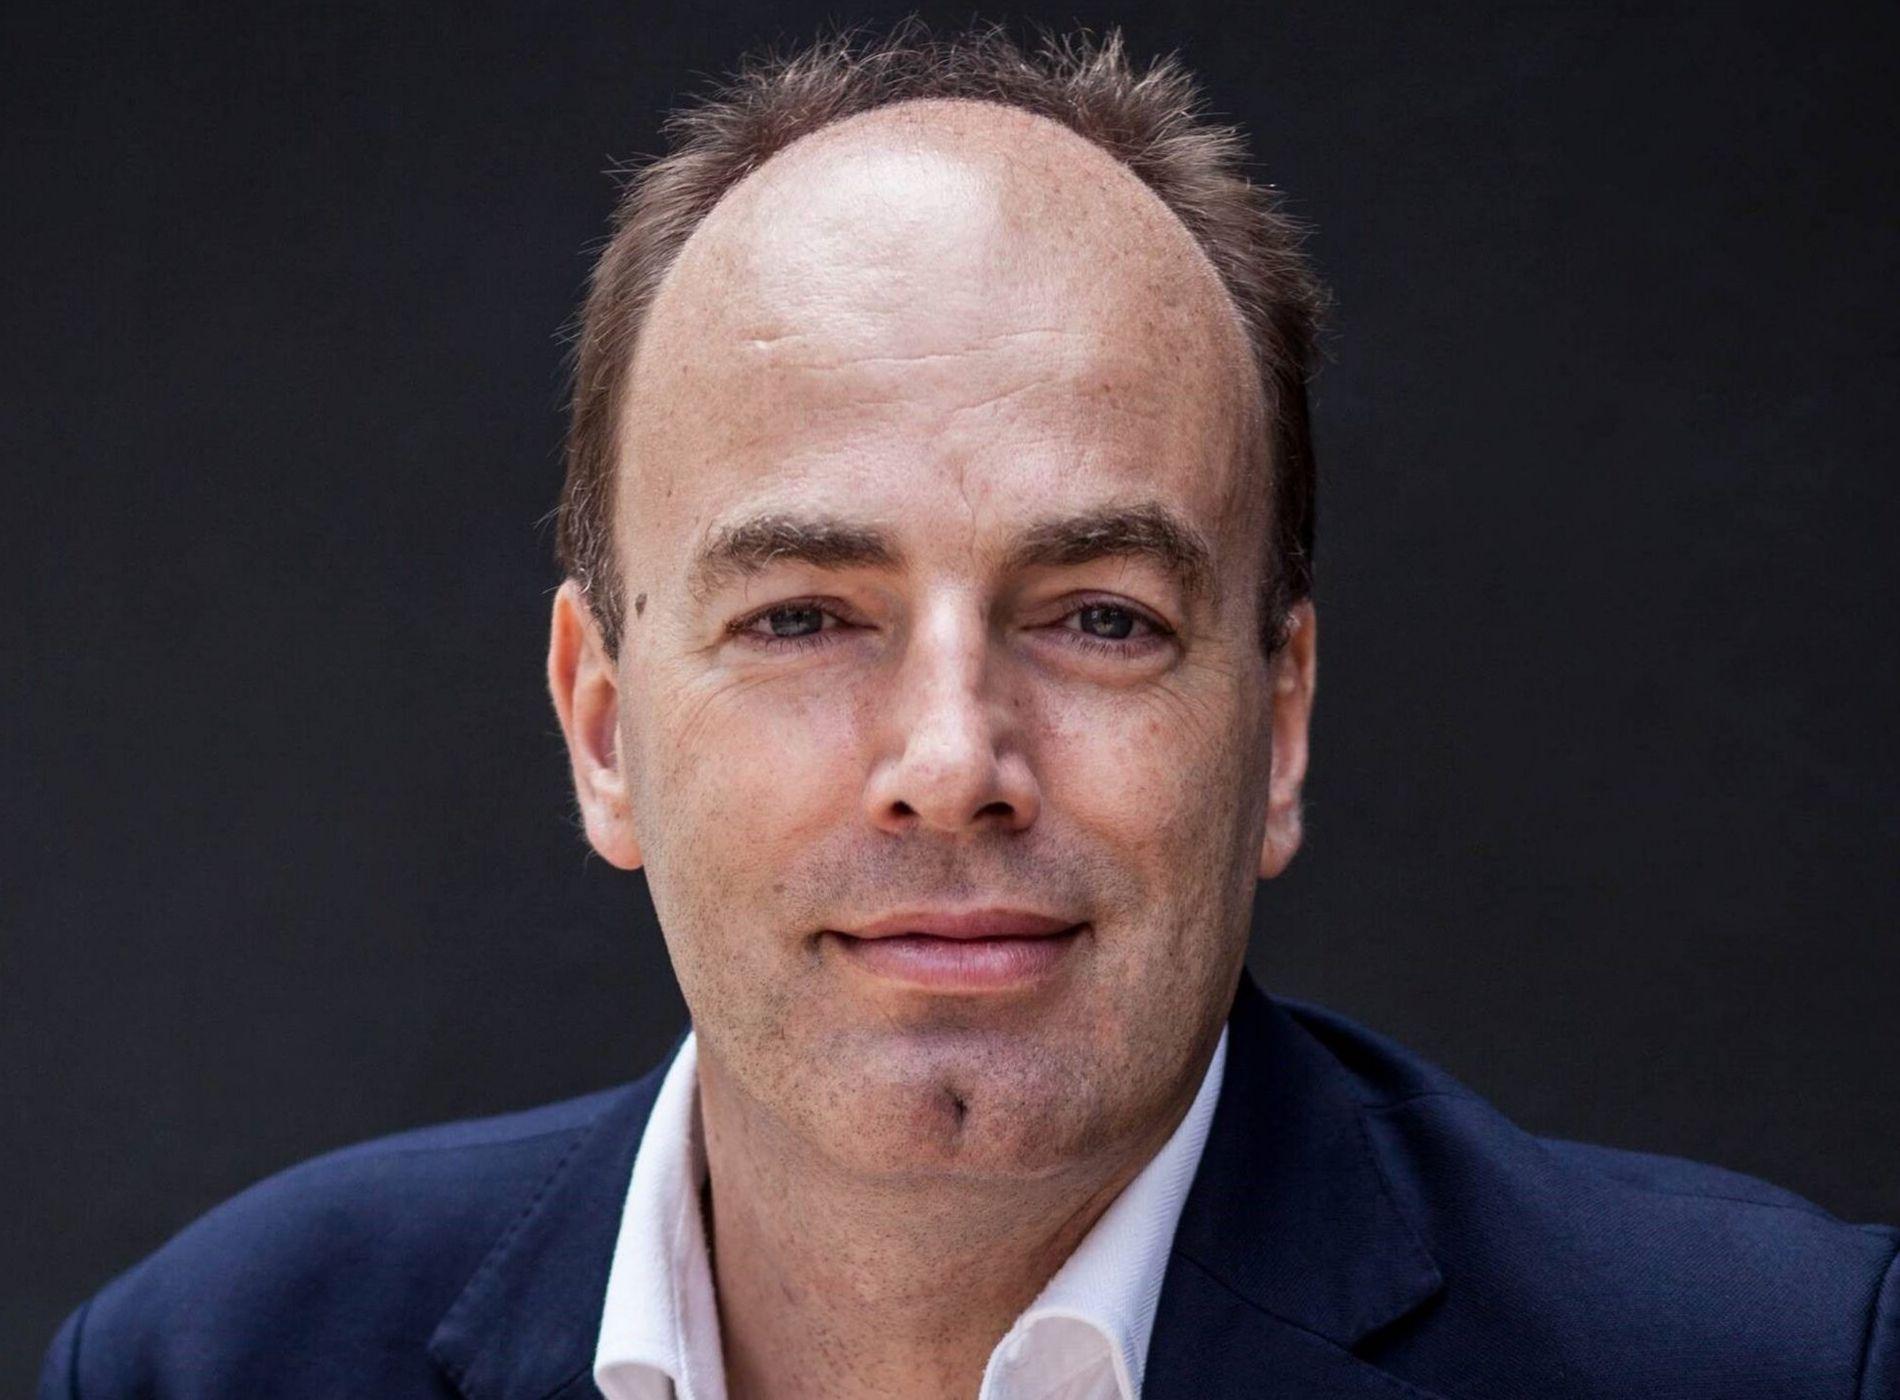 Professor Charles Spence